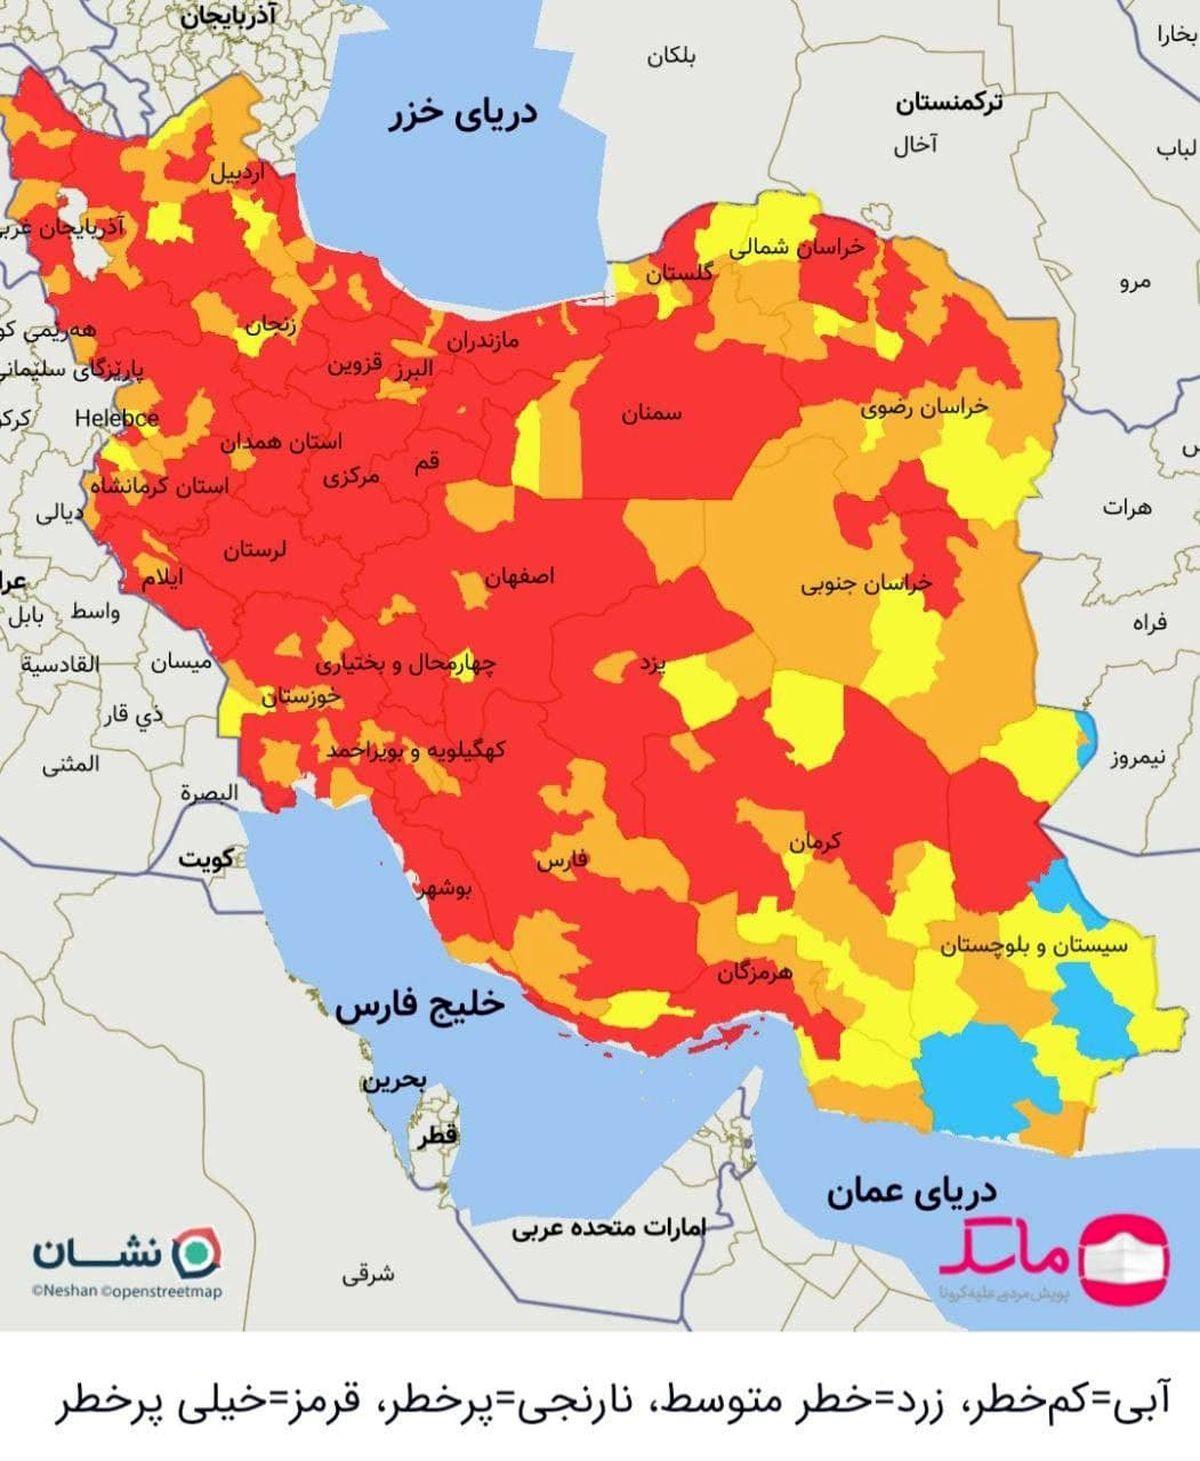 تمامی مراکز استانها از امروز در وضعیت قرمز قرار گرفتند +نقشه